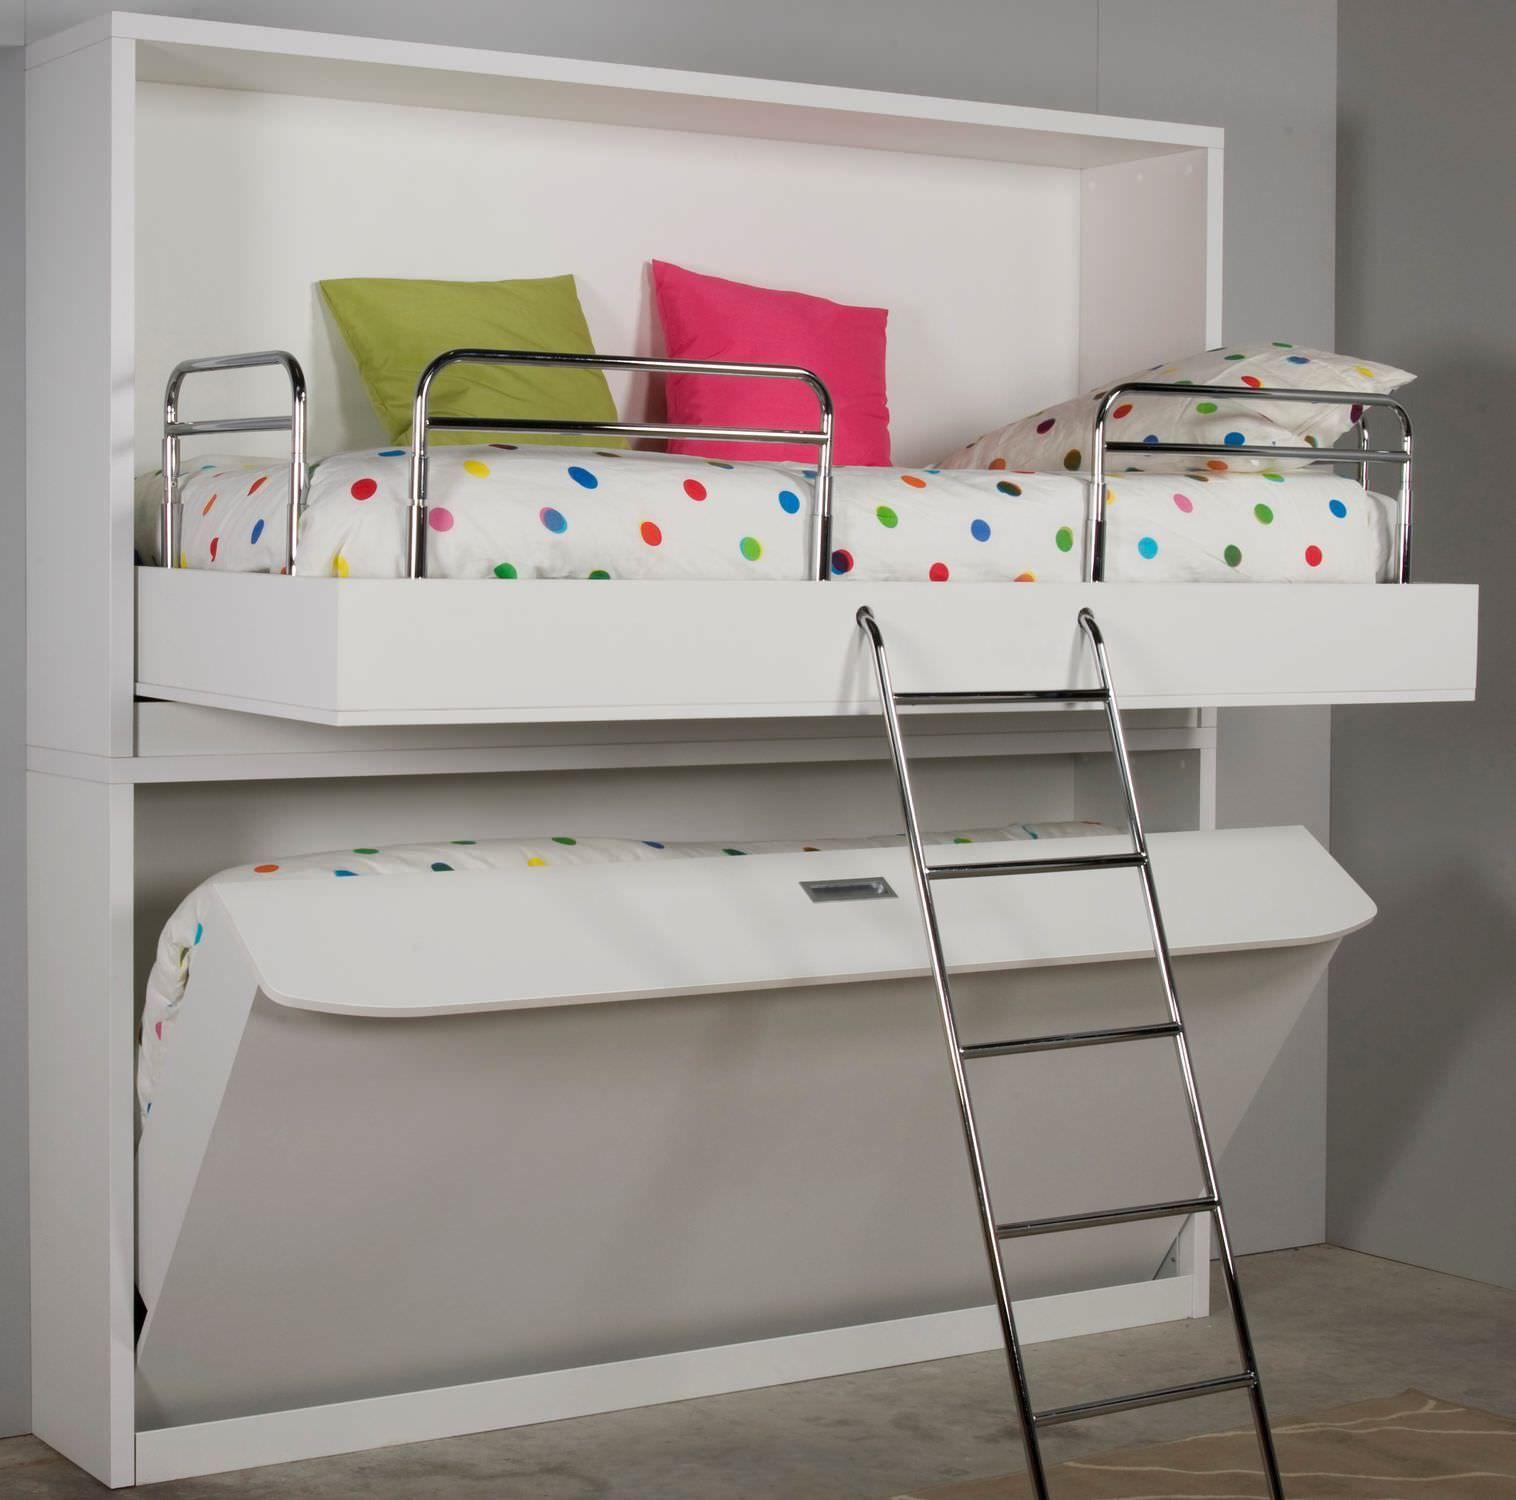 Lit Superpose Escamotable Contemporain En Bois Lift Bed